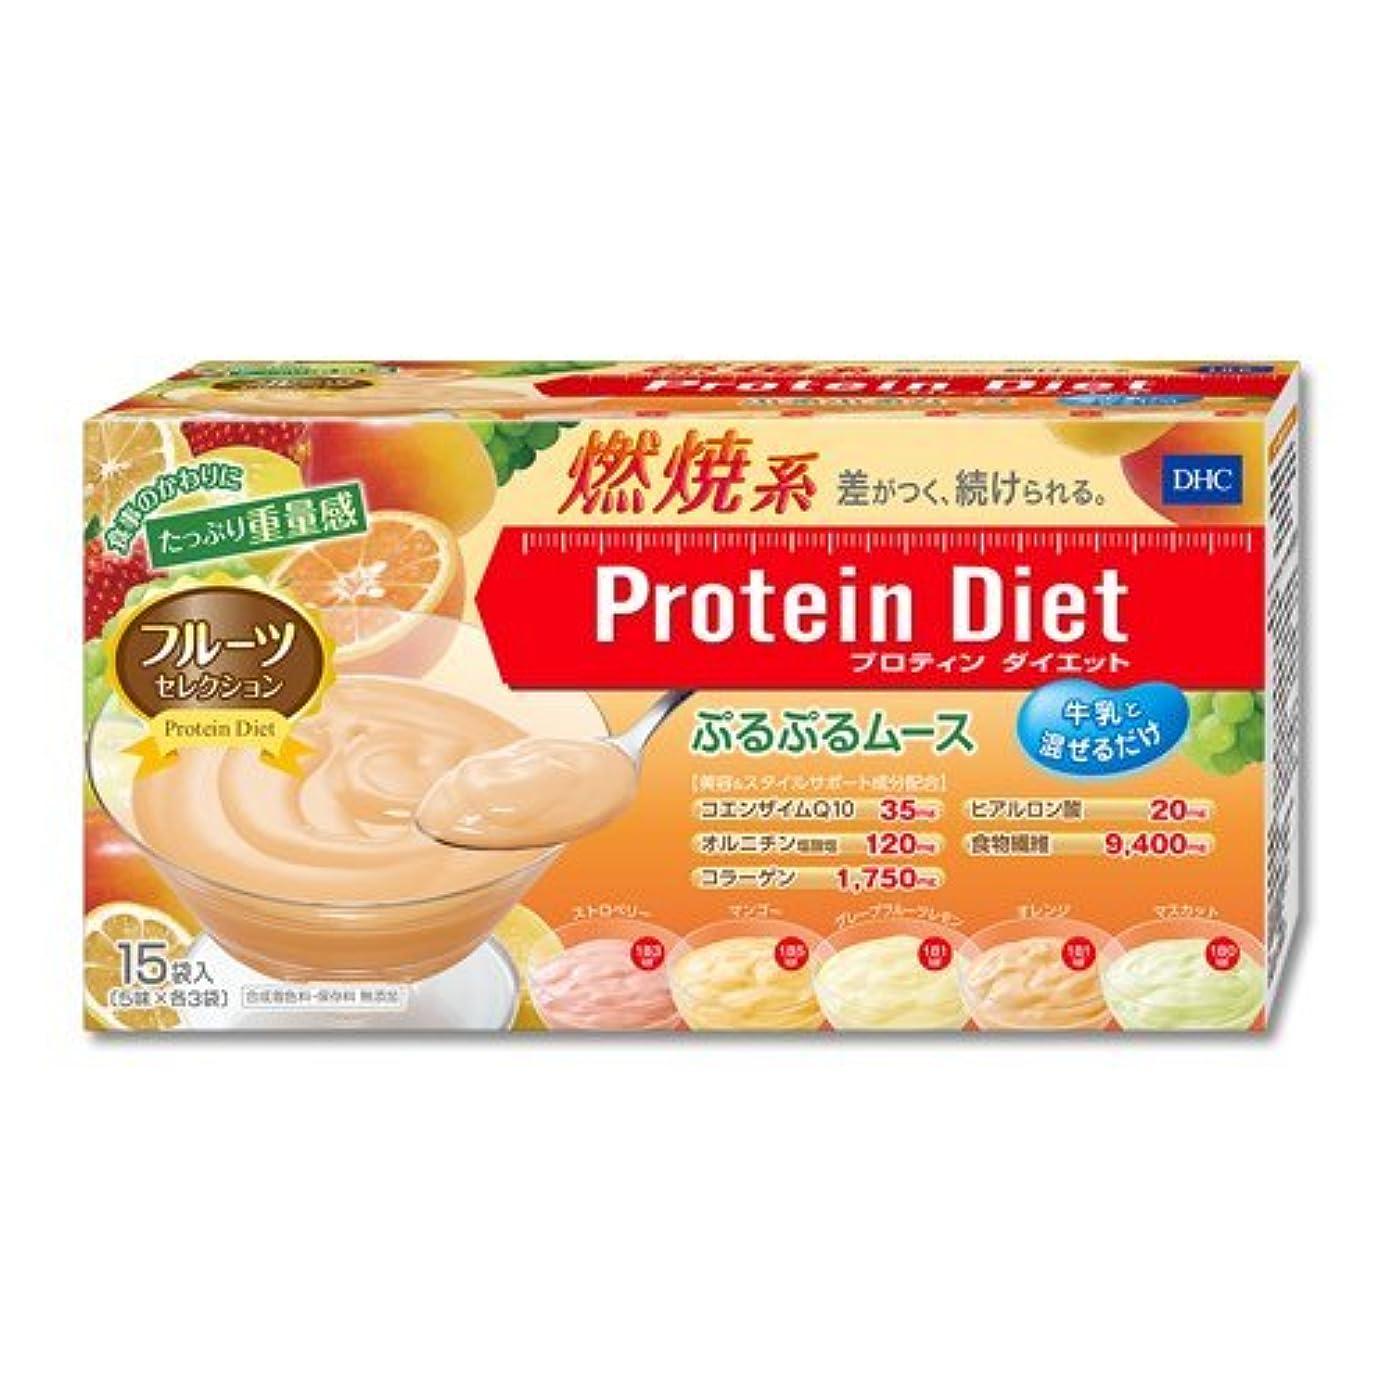 適度に数字地上のDHCプロティンダイエットぷるぷるムース フルーツセレクション 15袋入